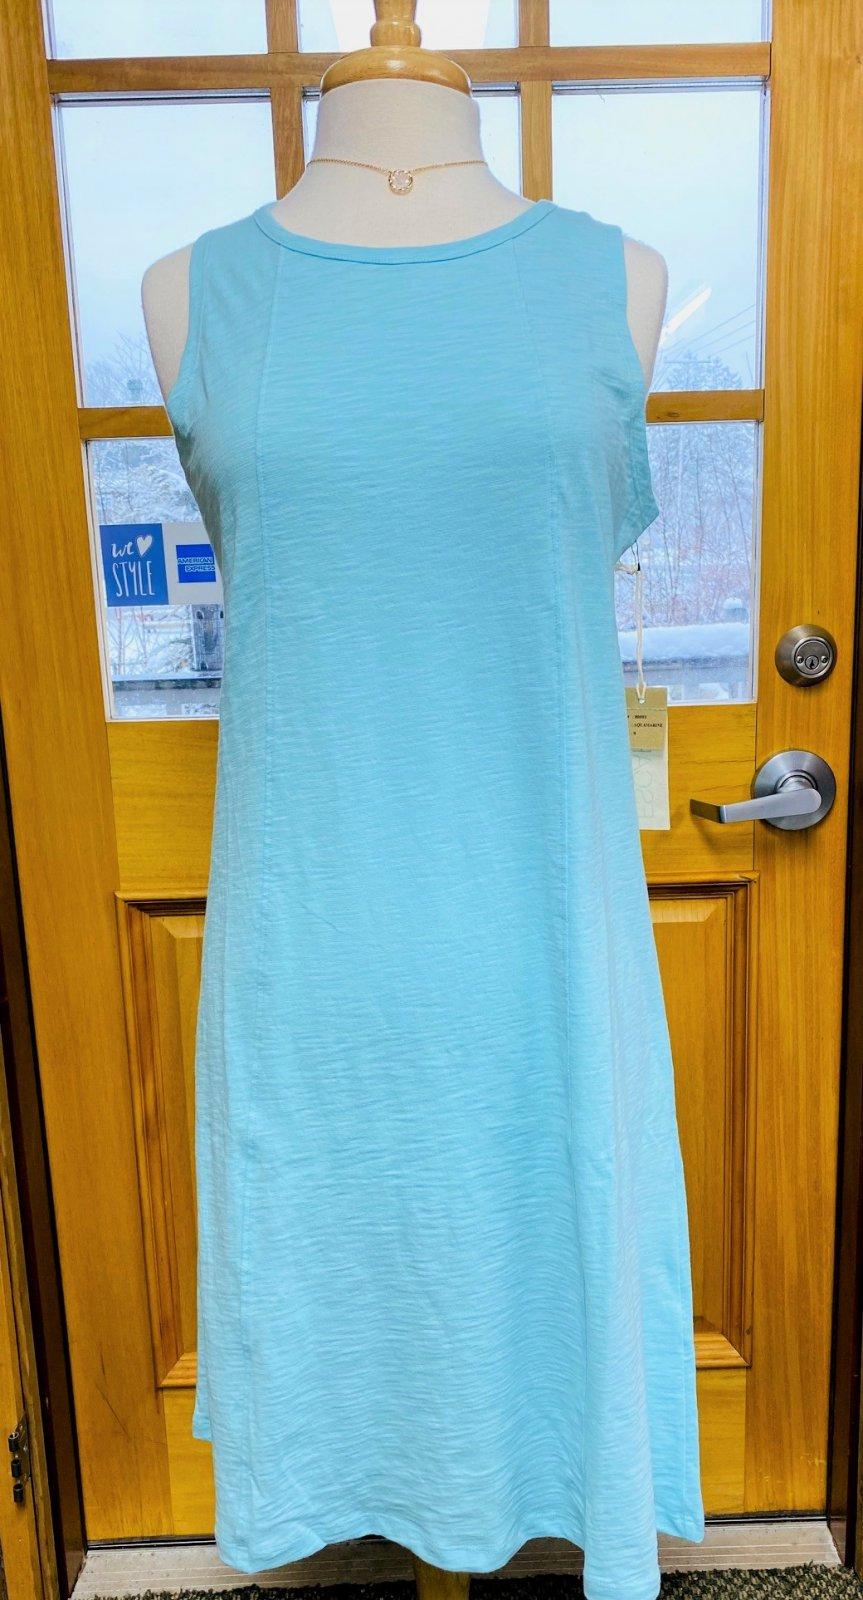 Cotton Slub Seam Tank Dress in Aquamarine by Escape